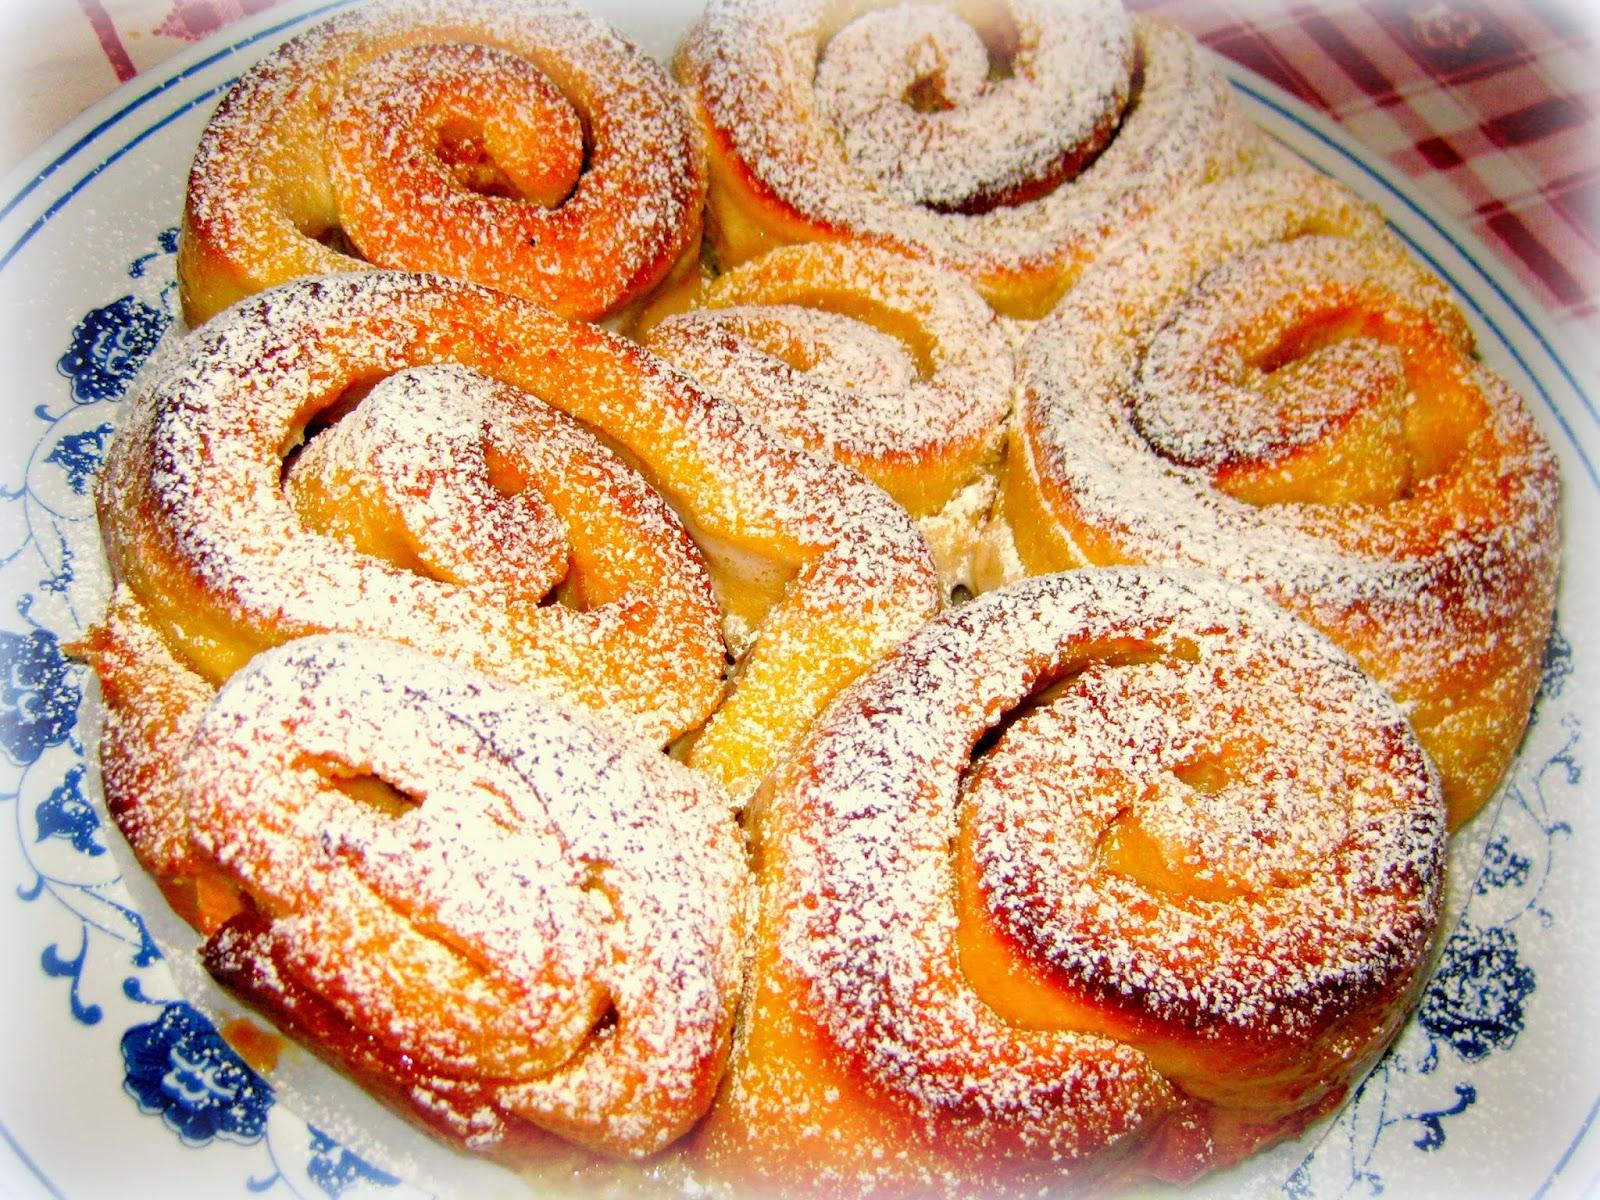 La ricetta della torta di rose con burro e zucchero per festeggiare tutte le donne.